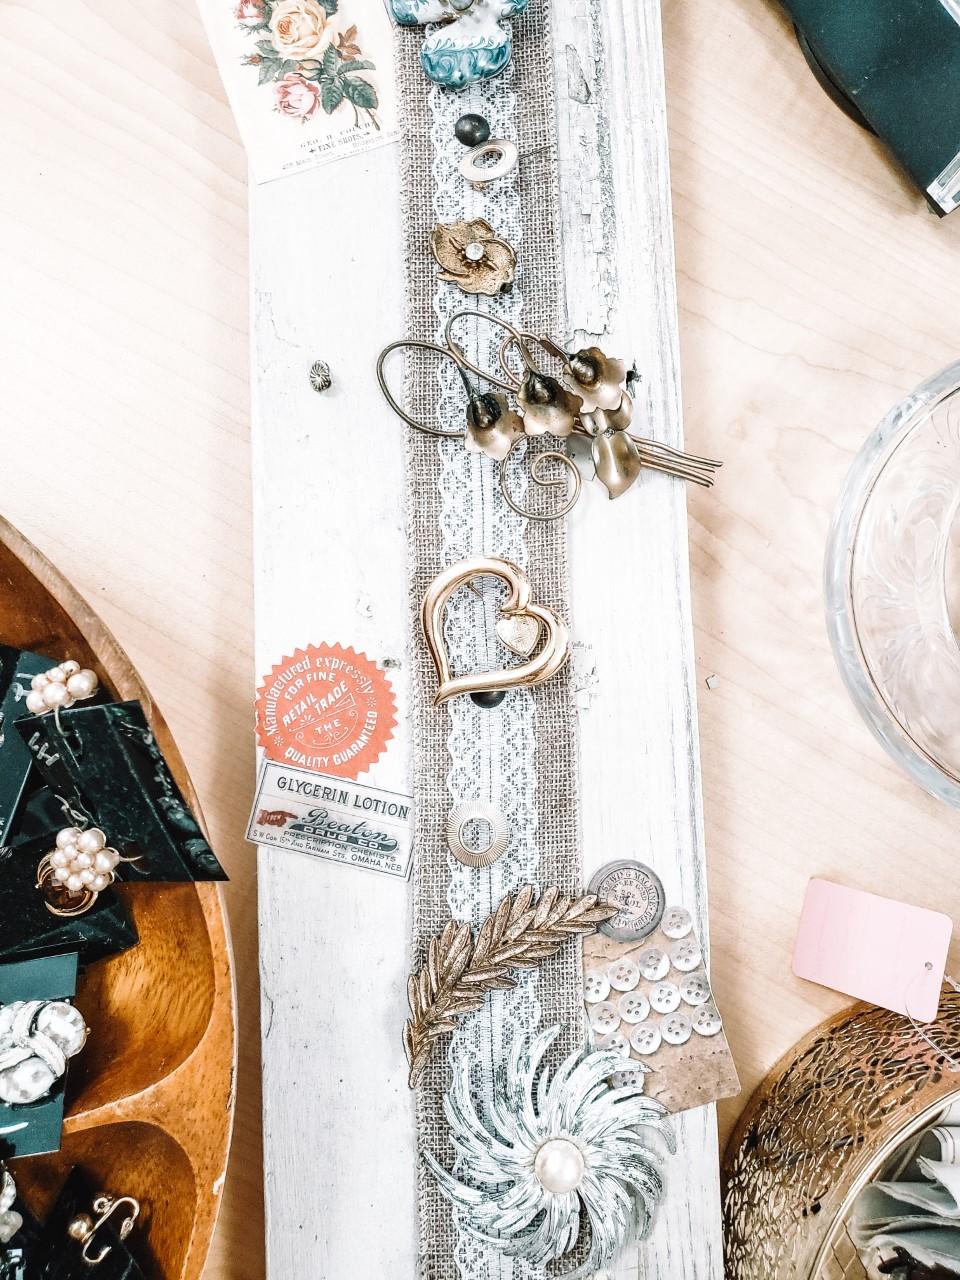 rustic heart resale and vintage treasures boerne texas sowing seeds blog